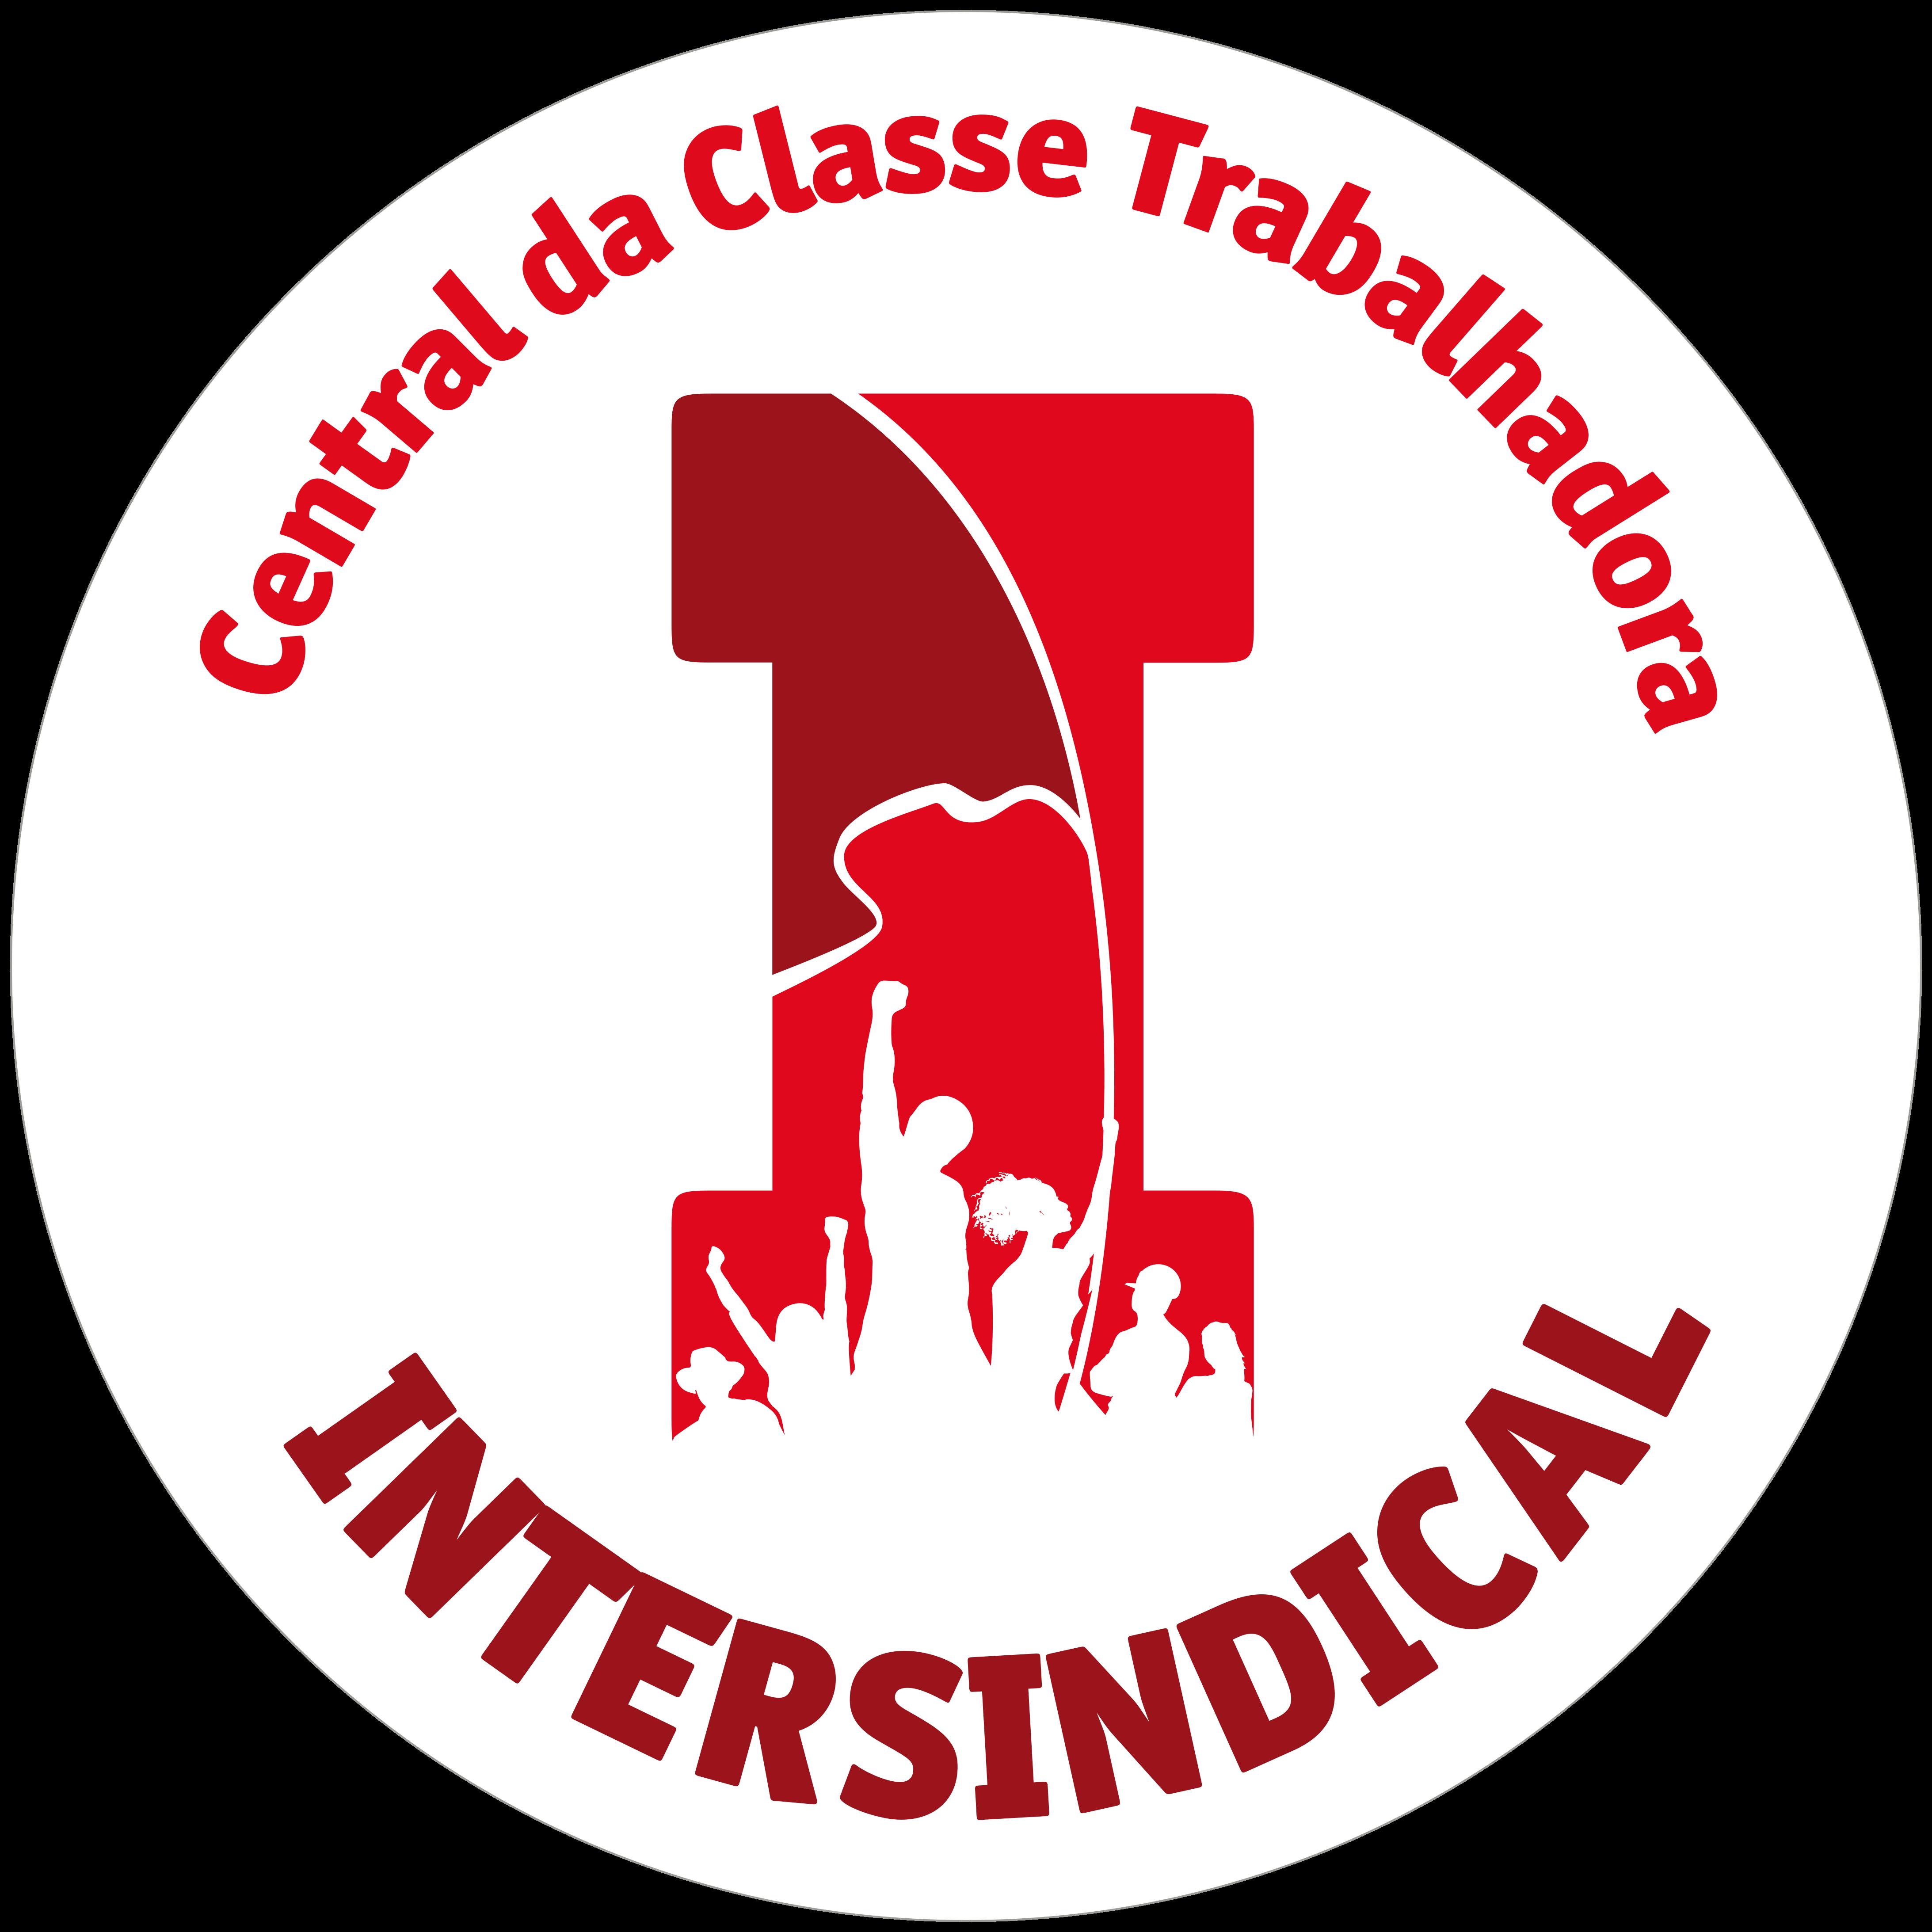 INTERSINDICAL Especial 02 redondo